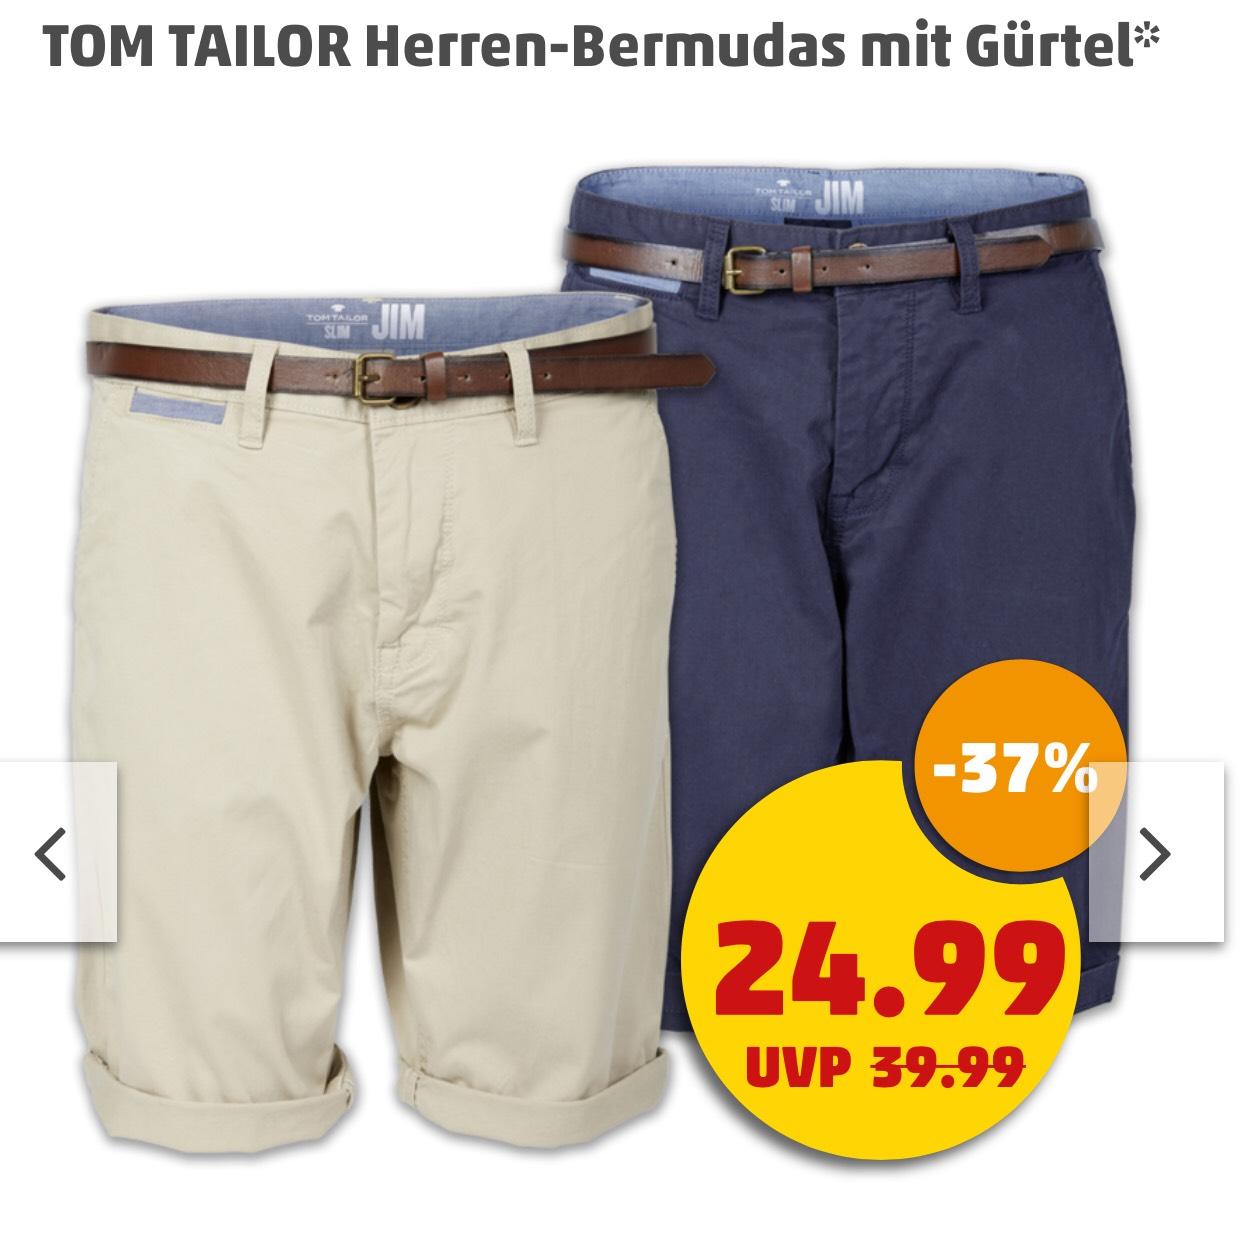 TOM TAILOR Herren-Bermudas mit Gürtel für 24,99€ Slim Fit [ab 07.06 bei Penny]